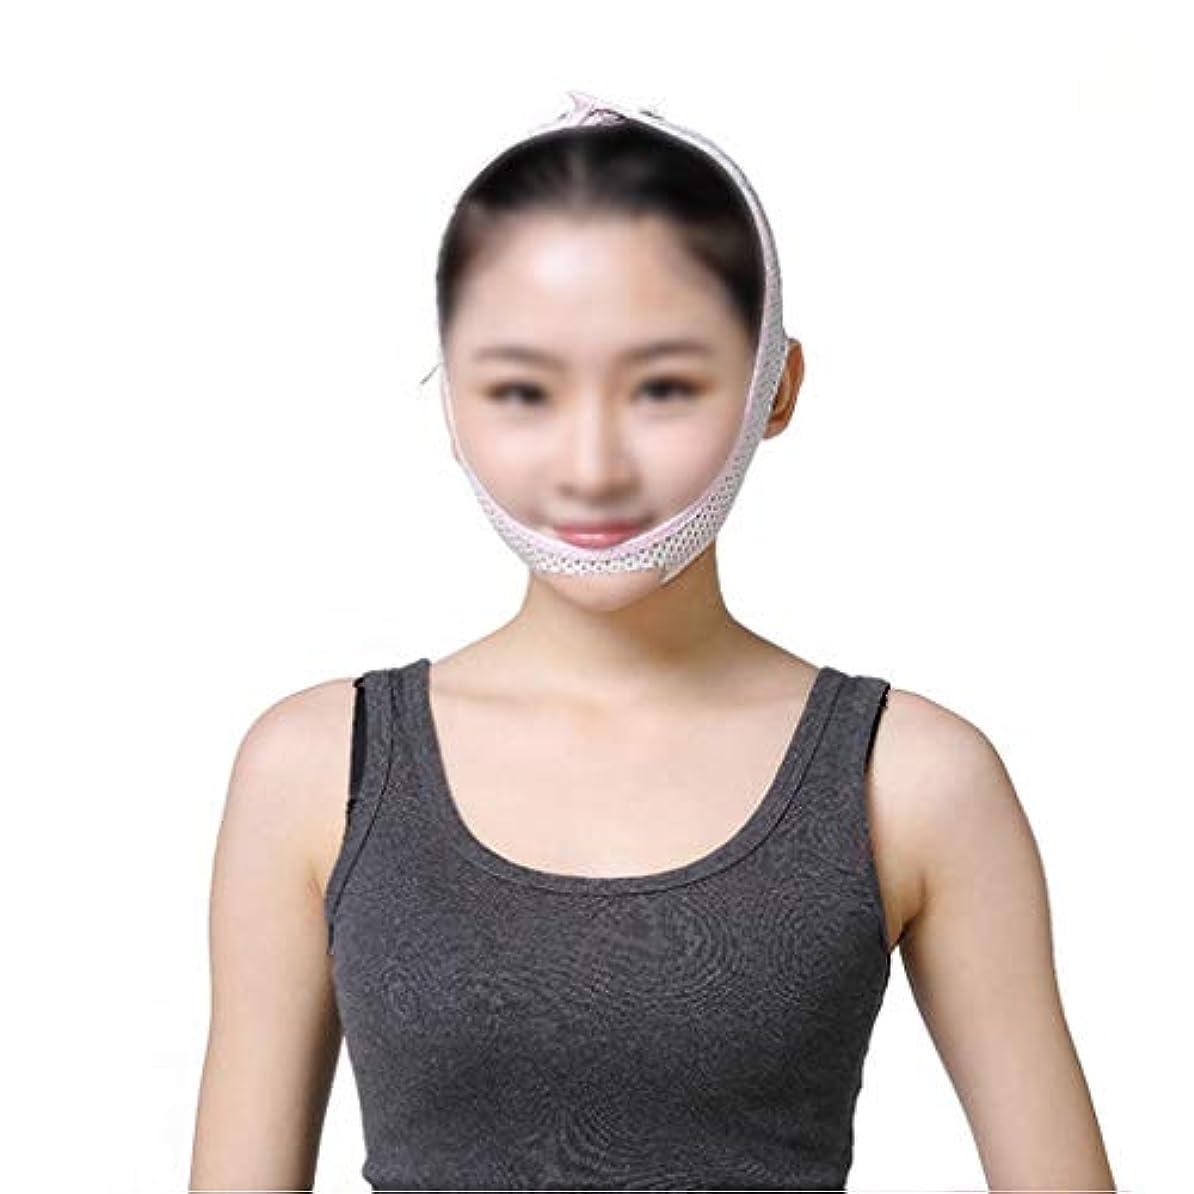 護衛ギャラントリー夕食を作るGLJJQMY 薄い顔のマスク快適な 引き締め肌の引き締め睡眠薄い顔のアーティファクト抗しわ除去二重あご術後回復マスク 顔用整形マスク